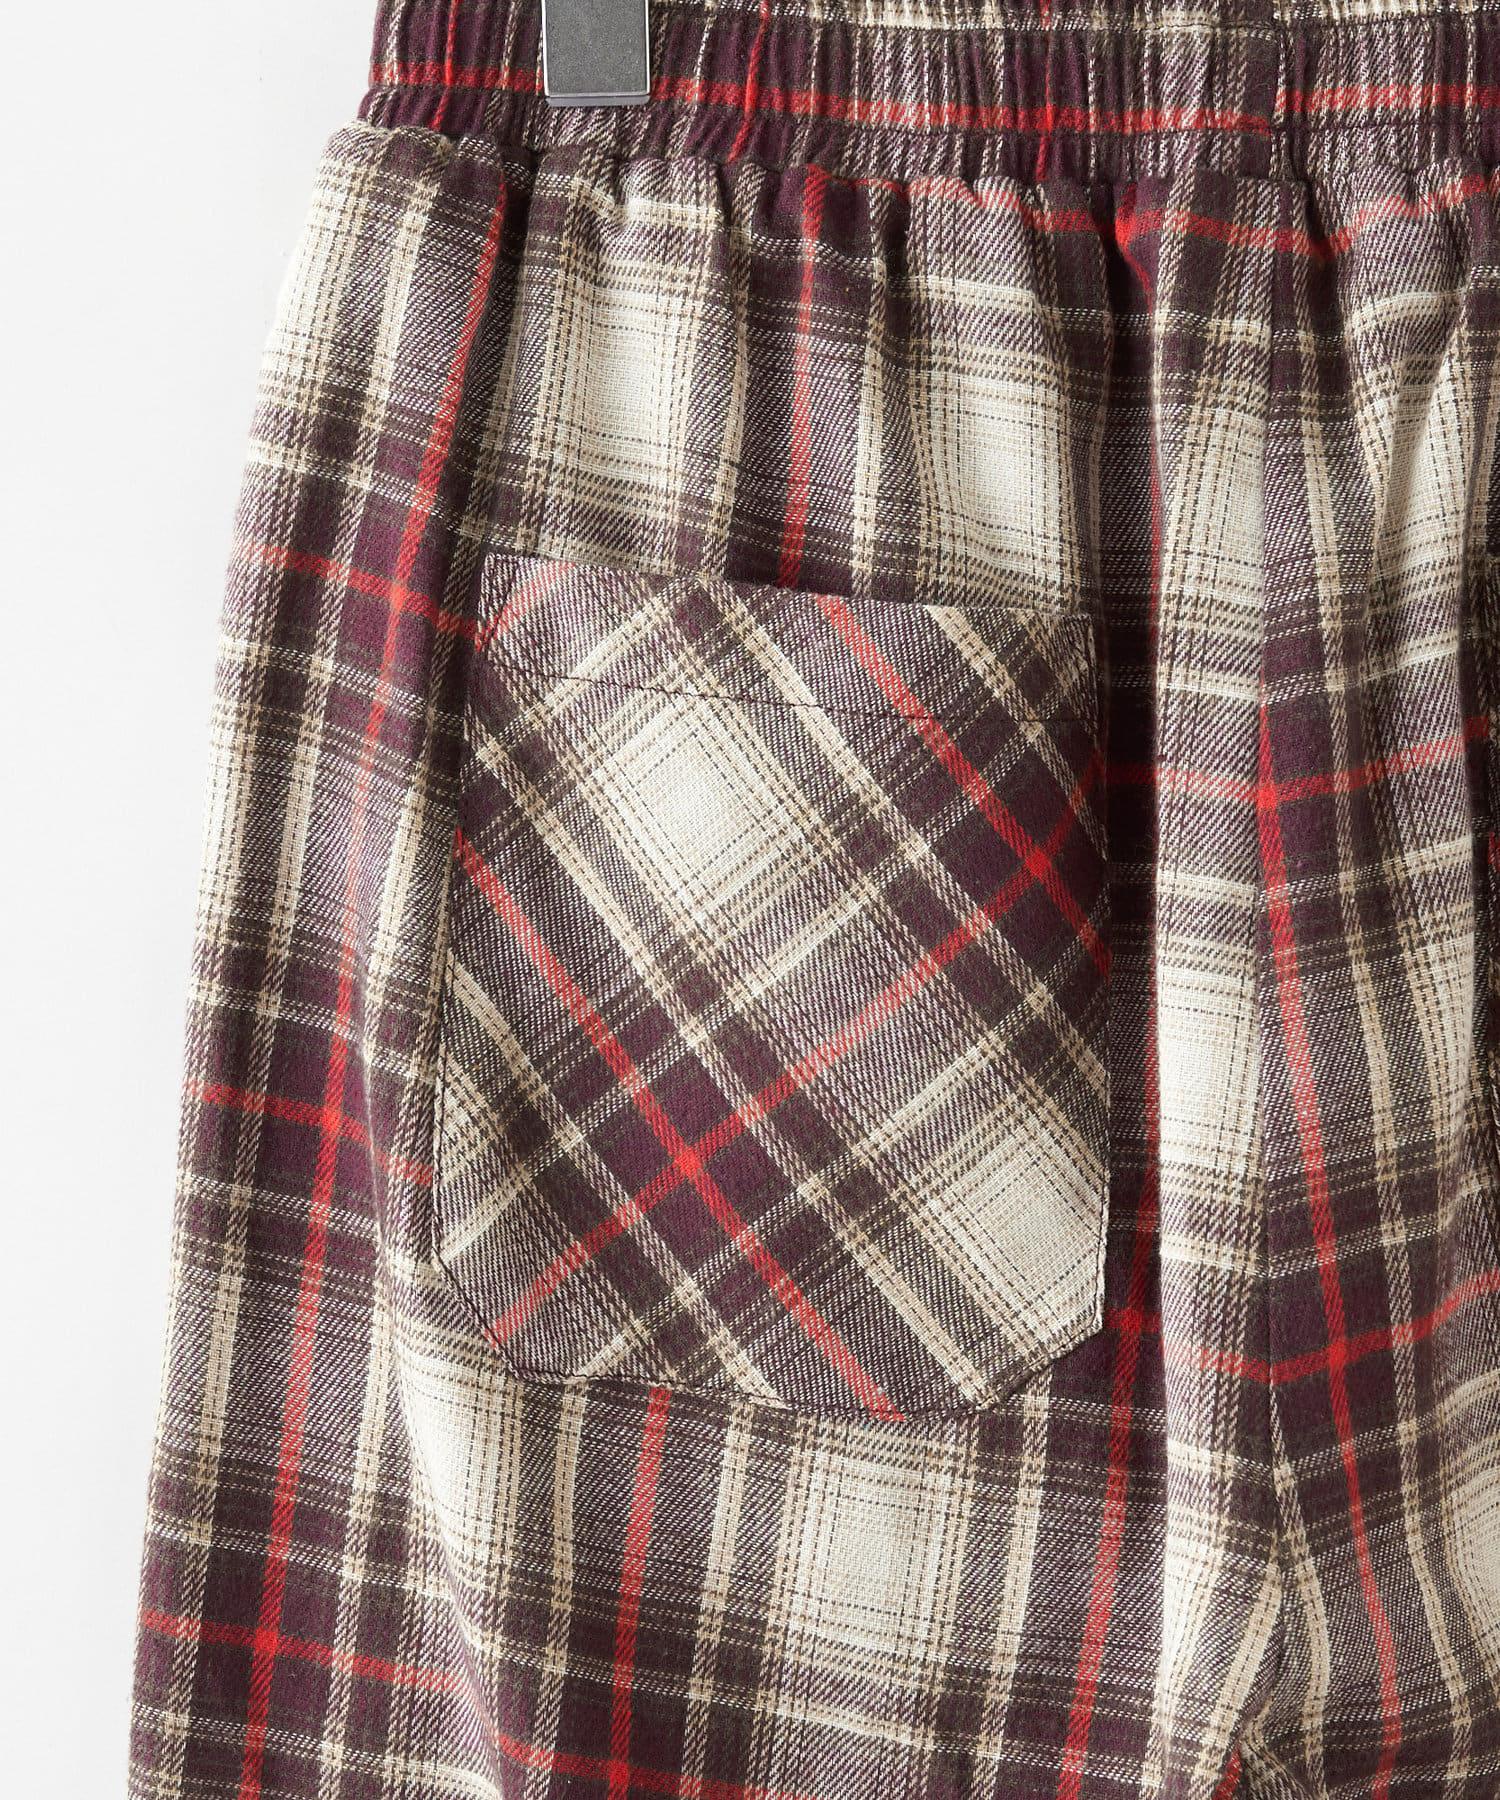 OLIVE des OLIVE OUTLET(オリーブ・デ・オリーブ アウトレット) 【dsf】plaid loose pants